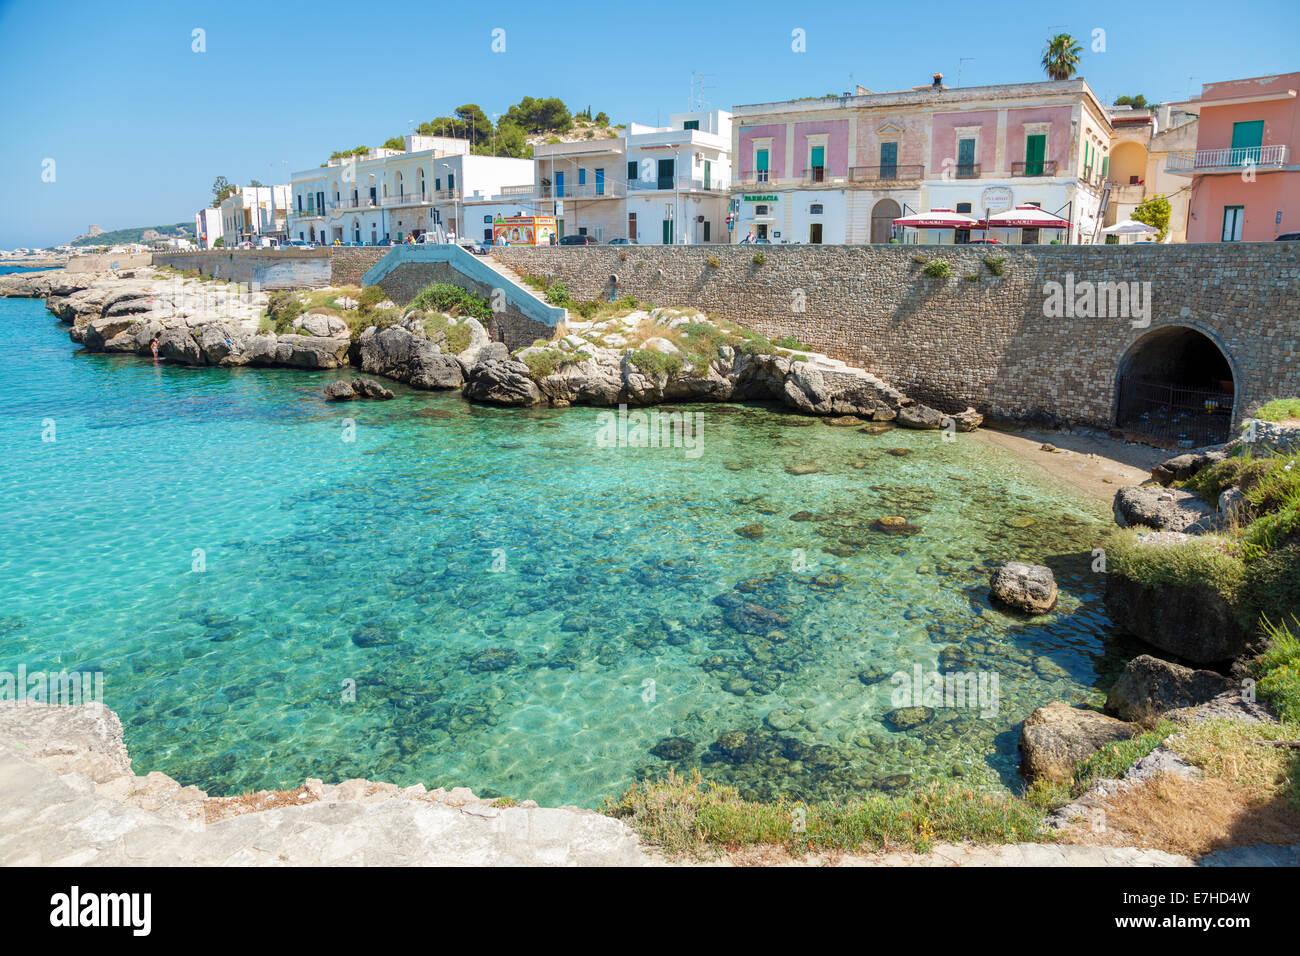 Santa maria al bagno stadtstrand in apulien italien stockfoto